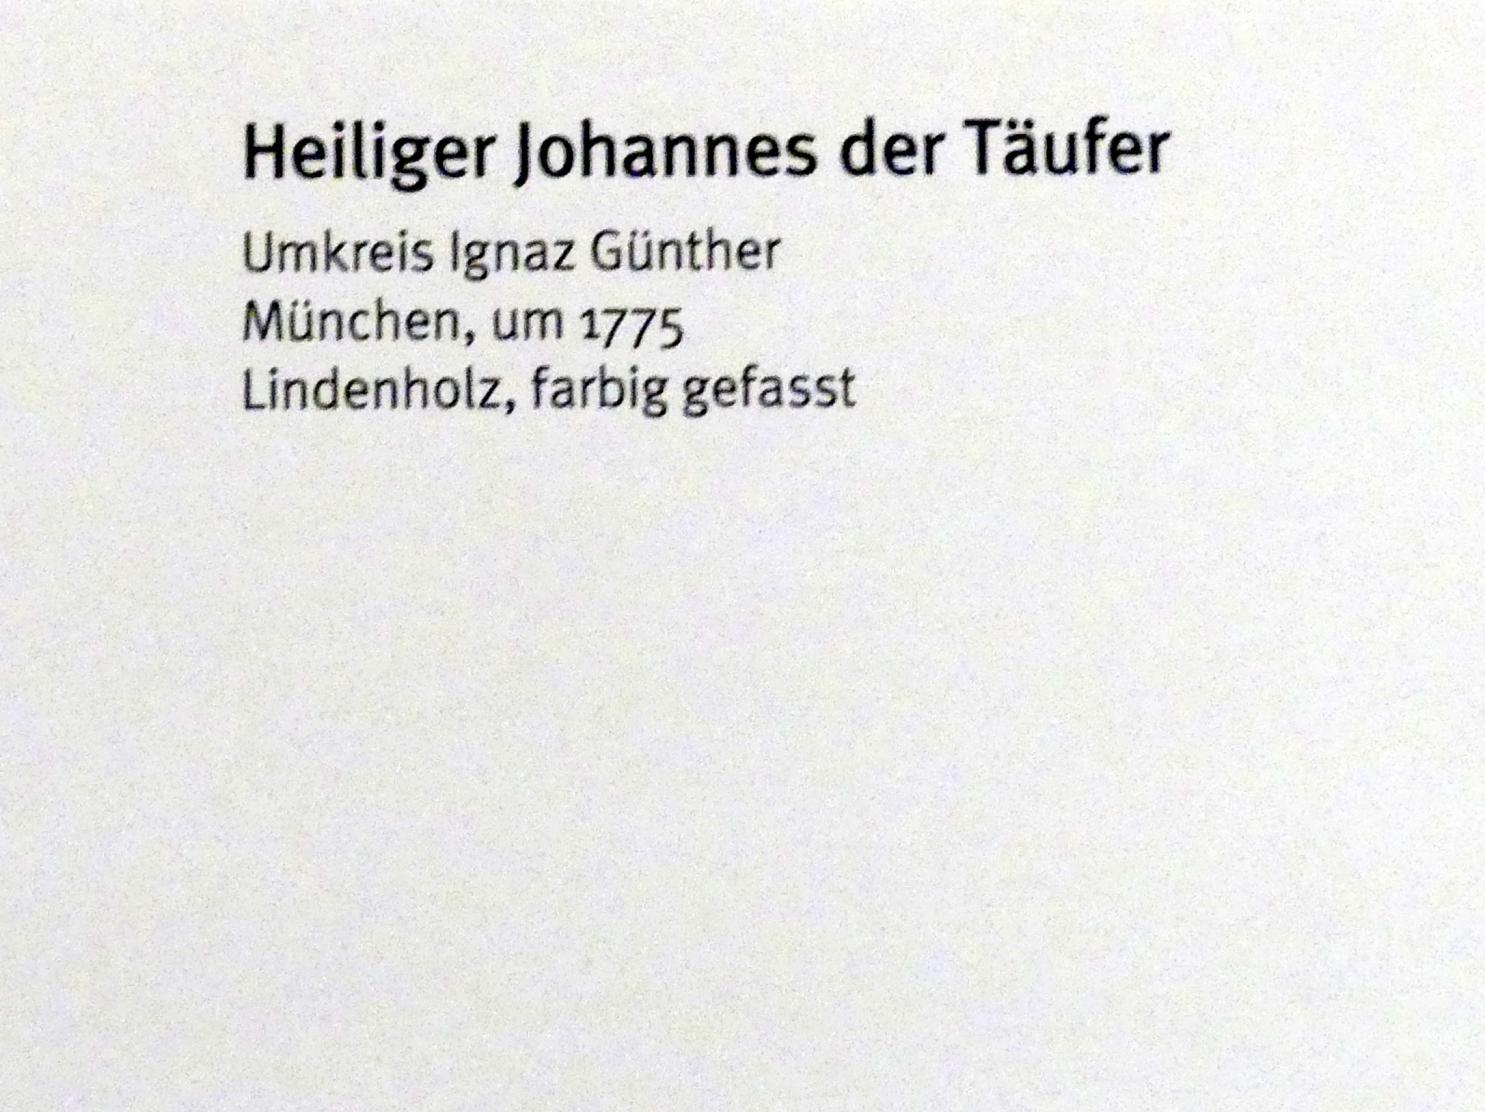 Ignaz Günther (Umkreis): Heiliger Johannes der Täufer, Um 1775